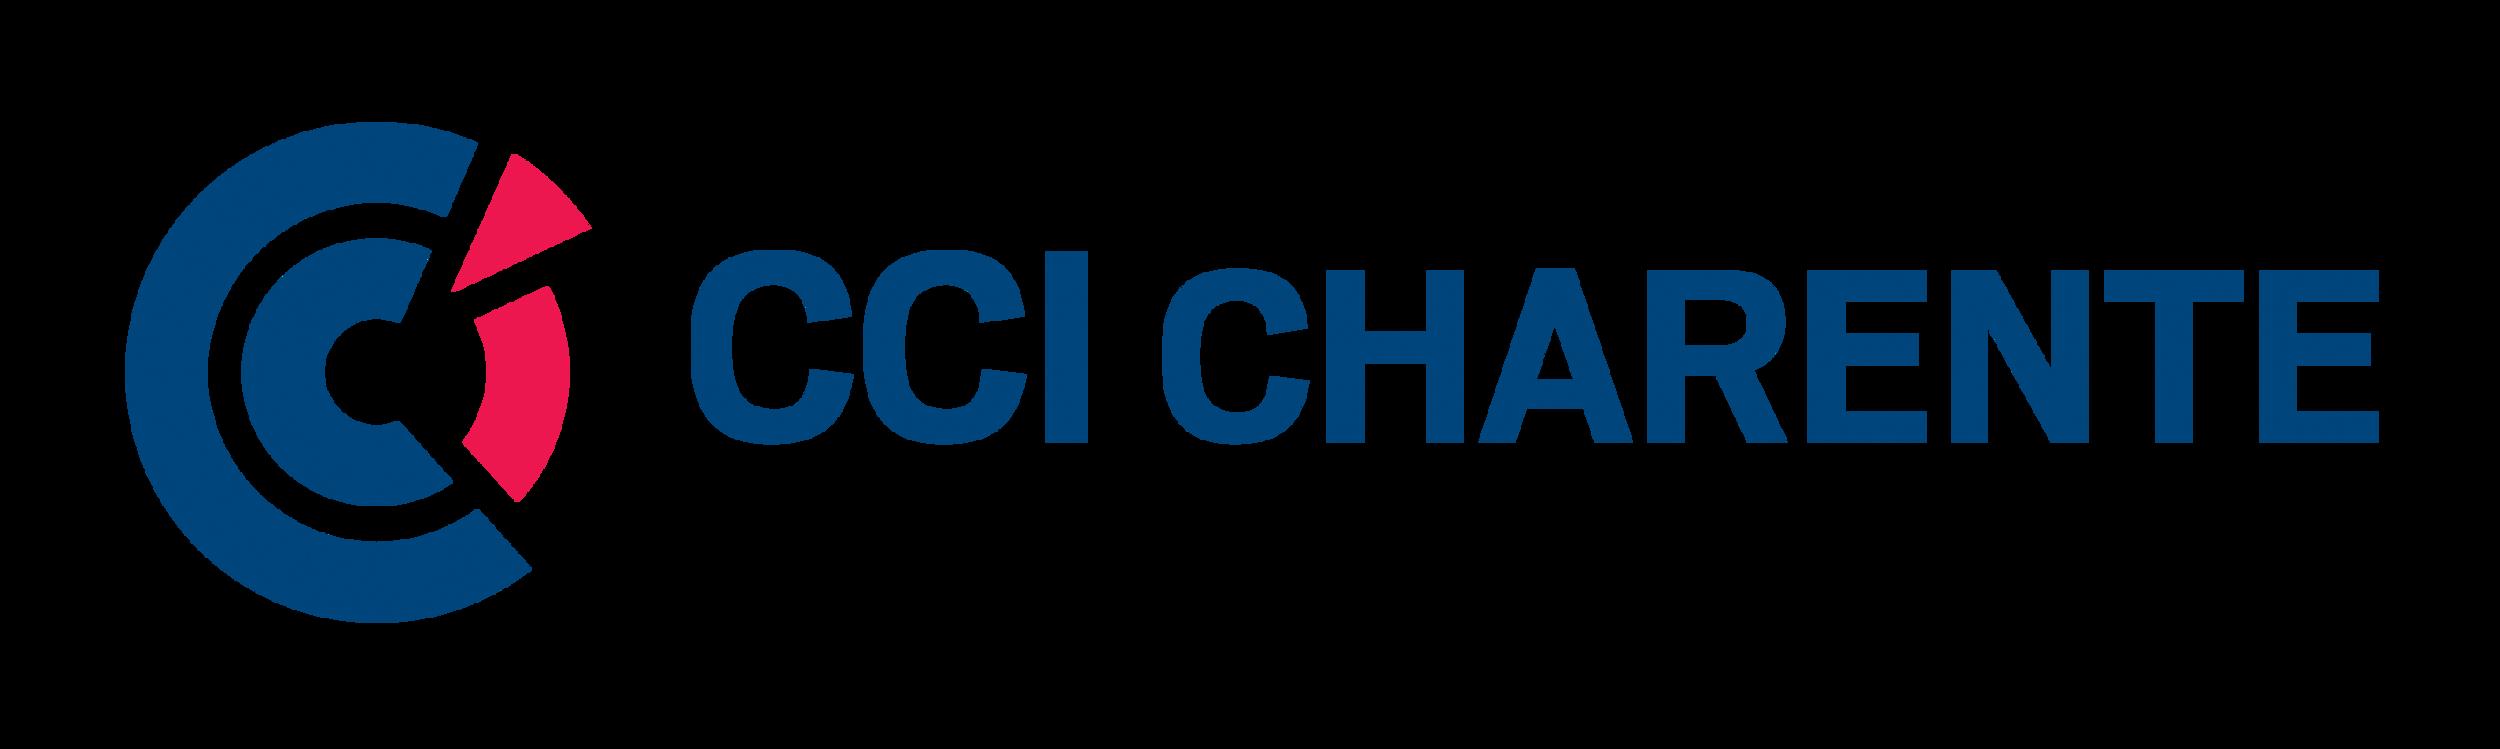 logo-cci-charente-vecto-quadri.png